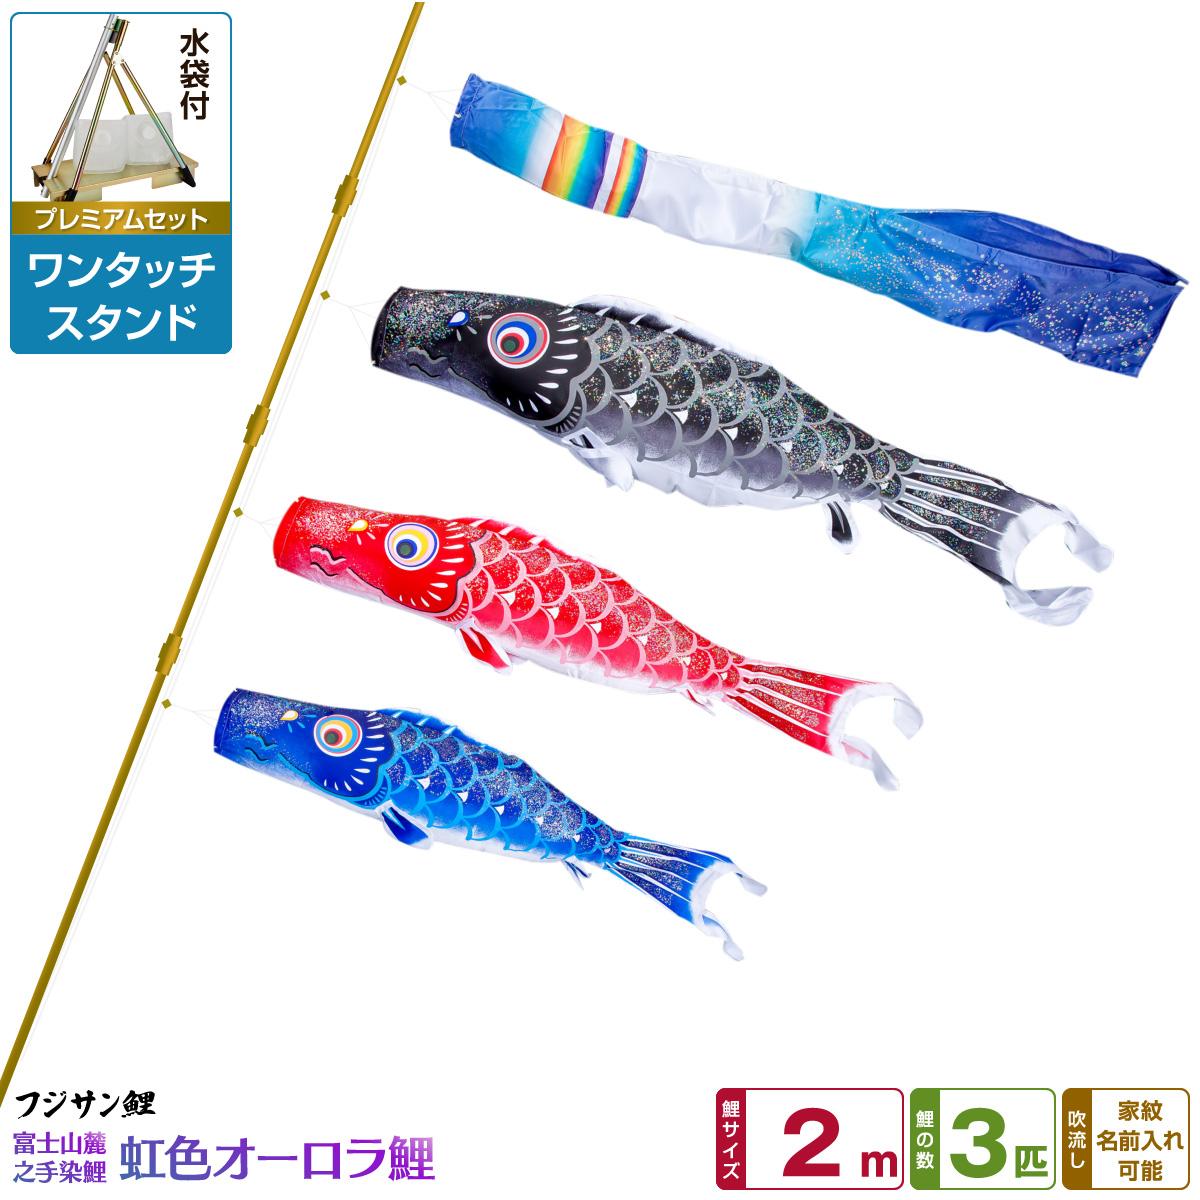 ベランダ用 こいのぼり 鯉のぼり フジサン鯉 オーロラ鯉 2m 6点(吹流し+鯉3匹+矢車+ロープ)/プレミアムセット(ワンタッチスタンド)